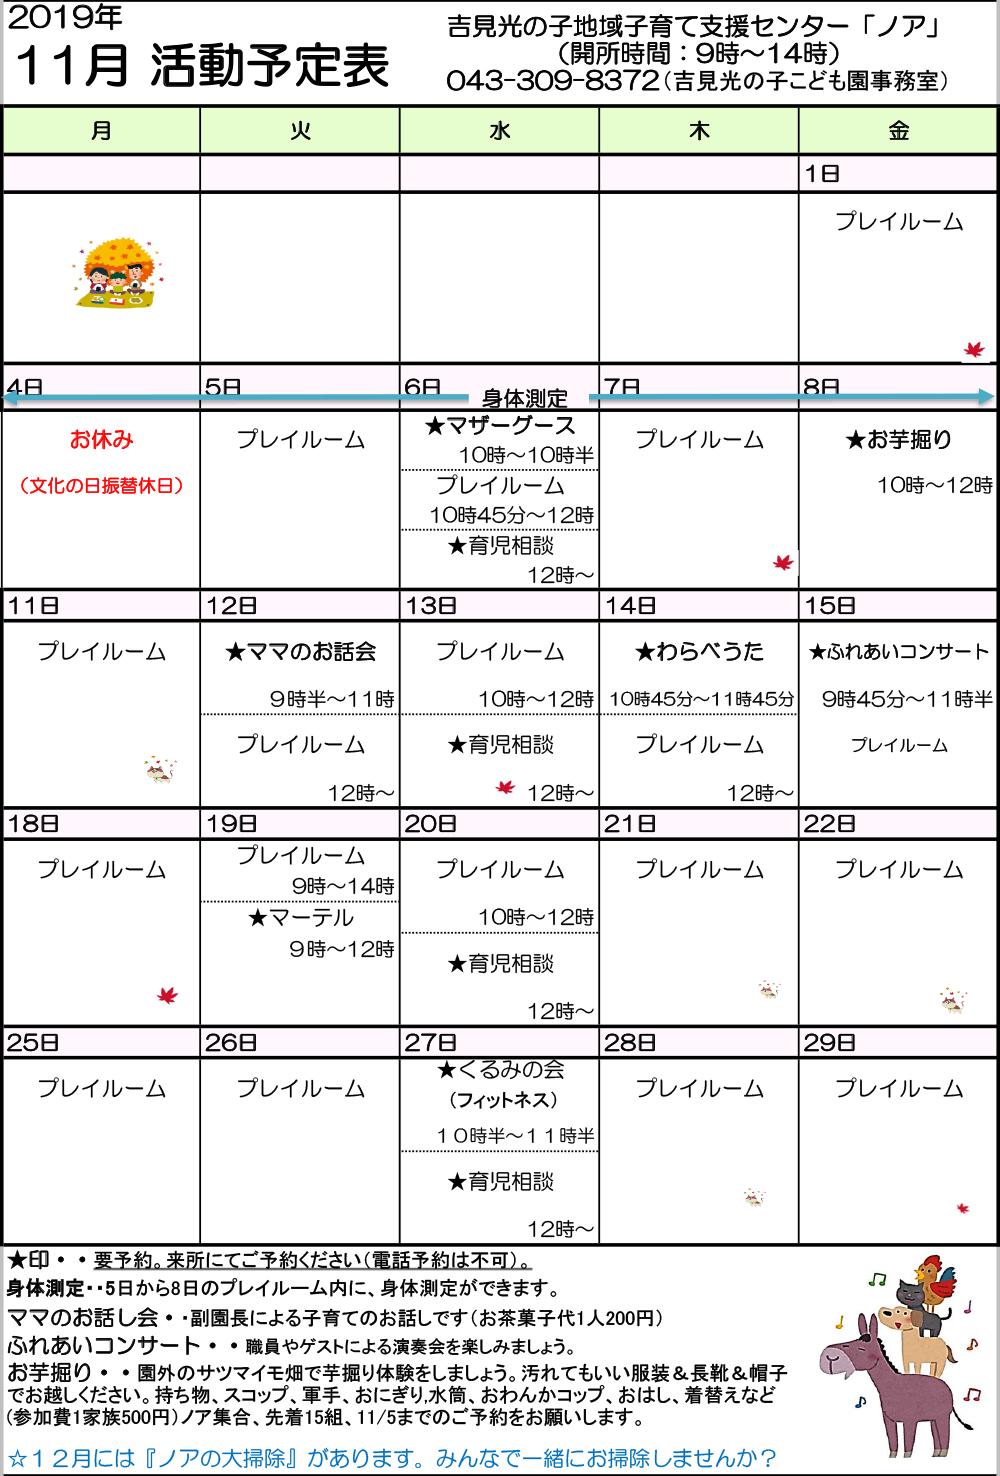 2019.10月ノア活動予定表